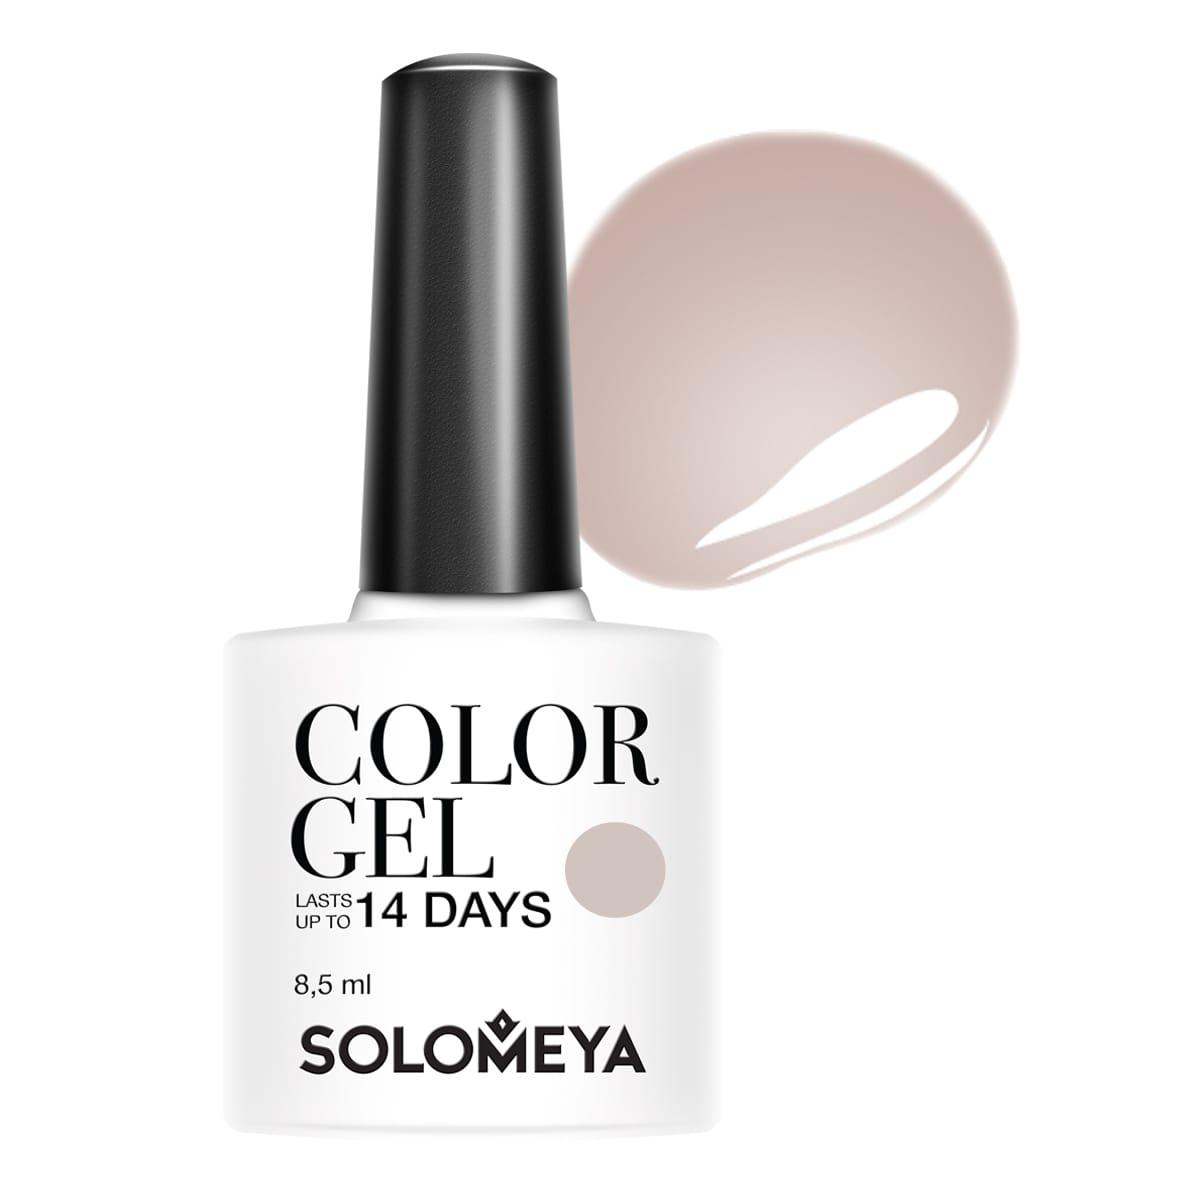 SOLOMEYA Гель-лак для ногтей SCGY096 Мадлен / Color Gel Madeleine 8,5мл madeleine туфли madeleine 24477 grau